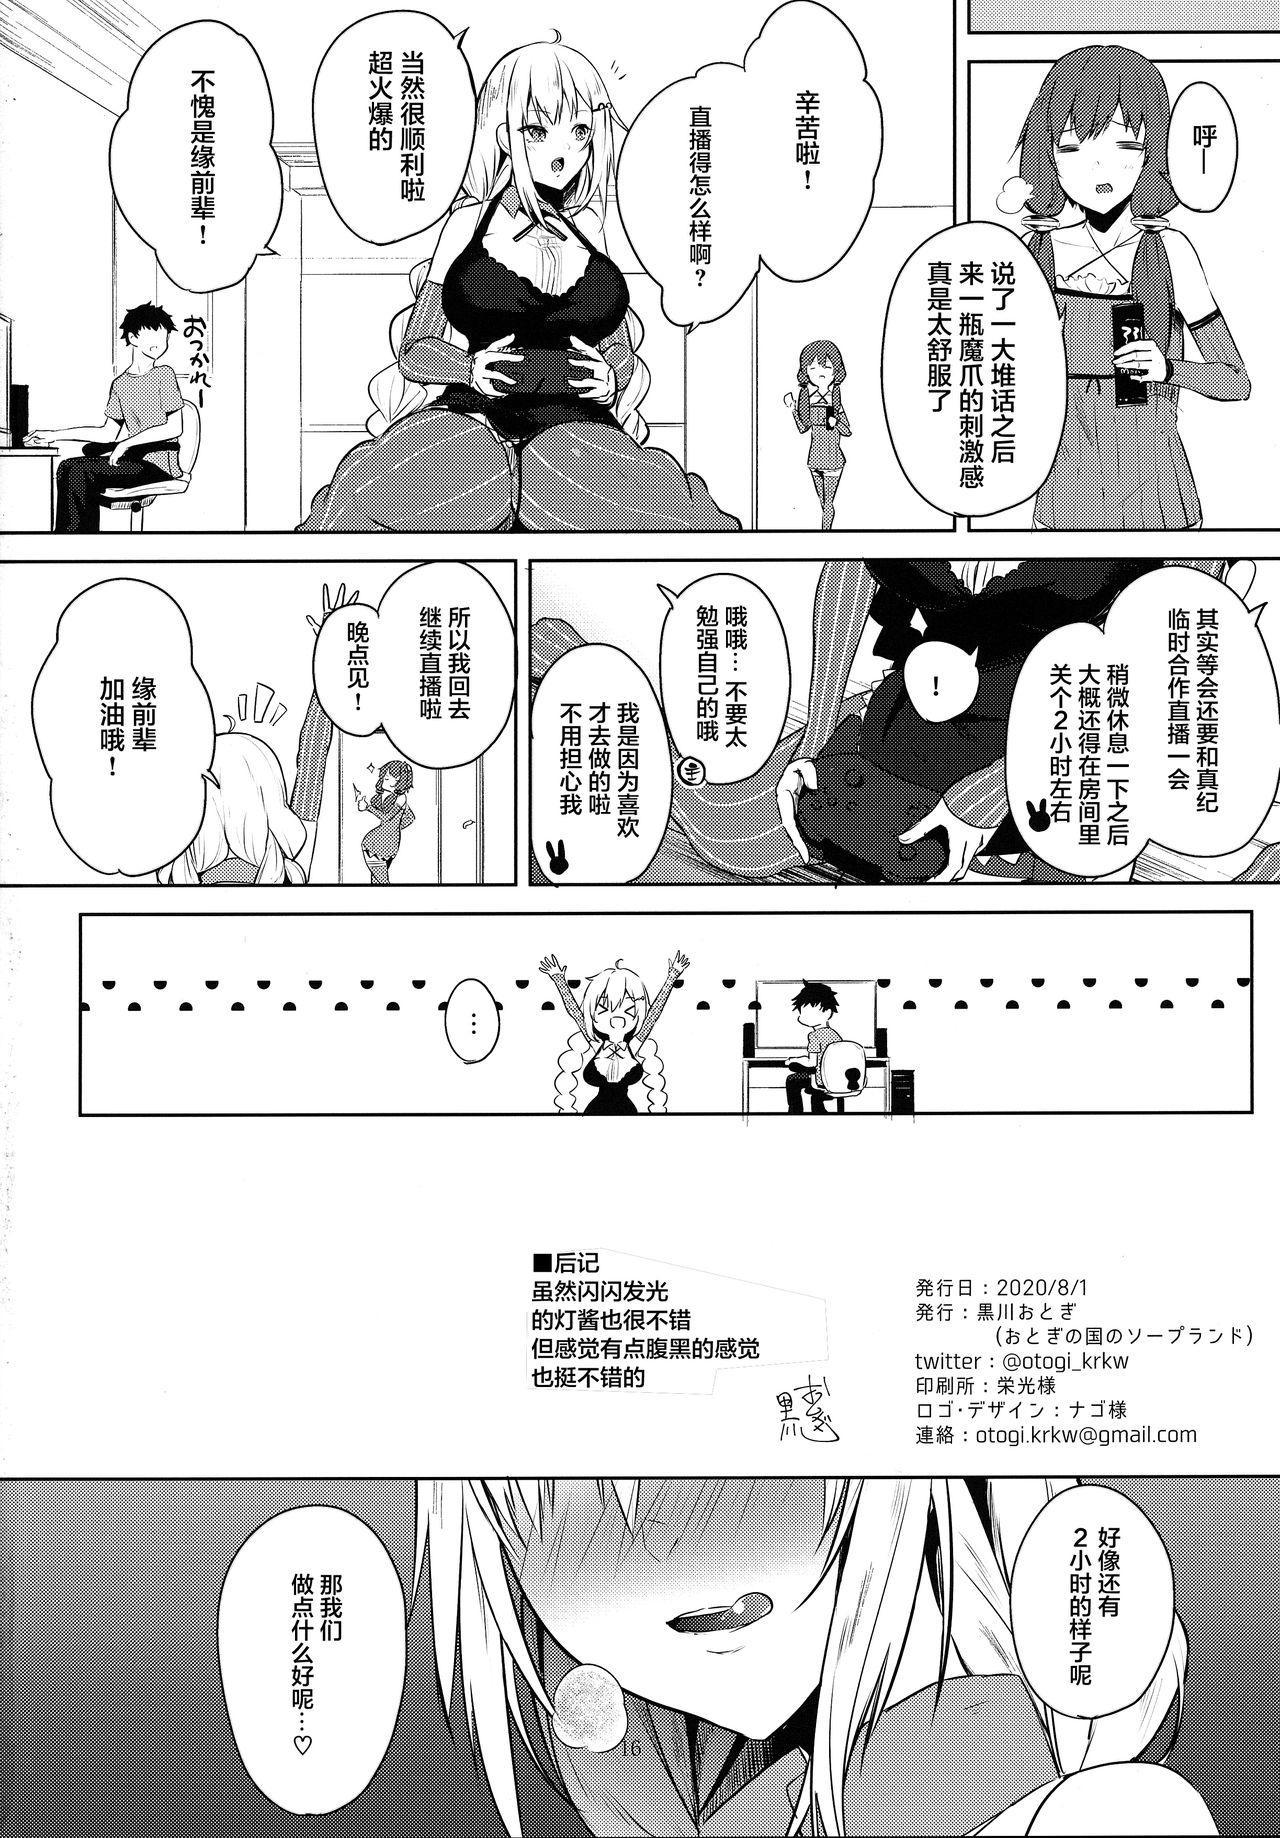 Tsuki ni wa Naisho no Hoshikuzu 16